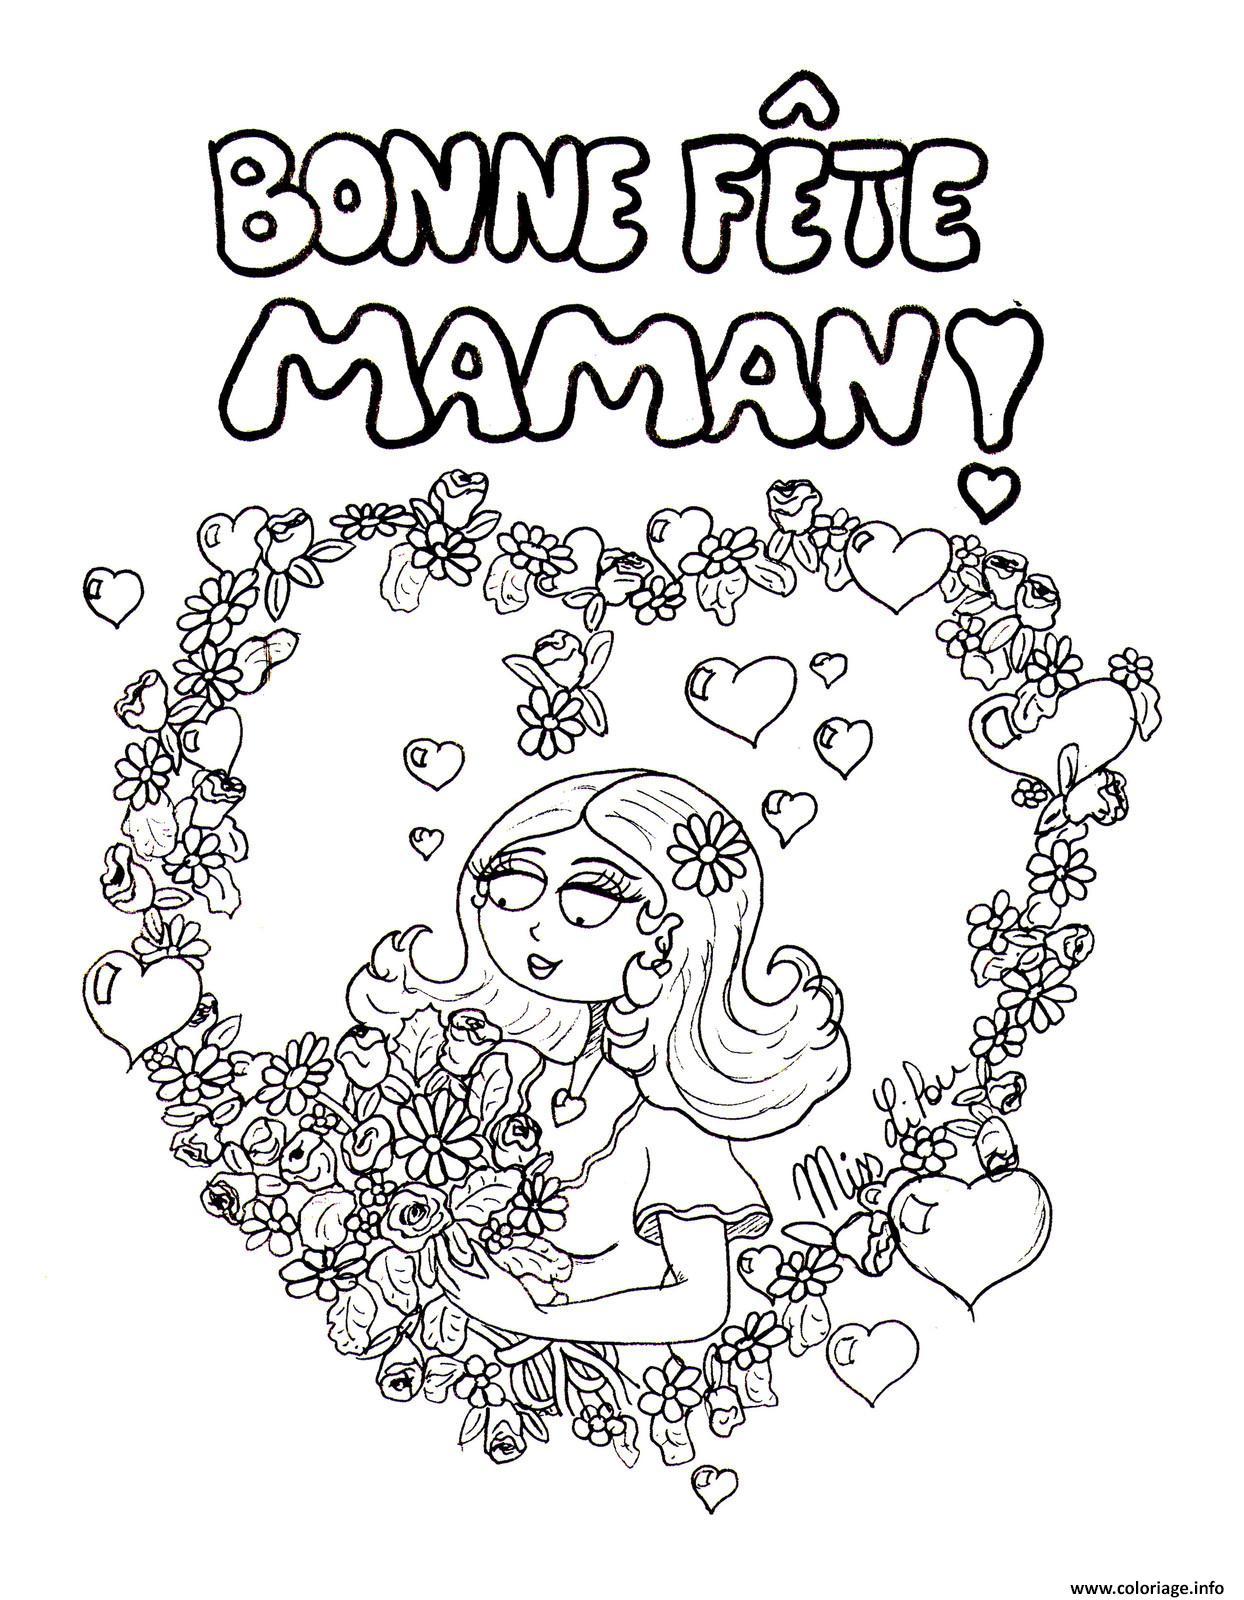 Coloriage bonne fete mama roses coeur fete des meres dessin - Coloriage de fete des meres a imprimer ...